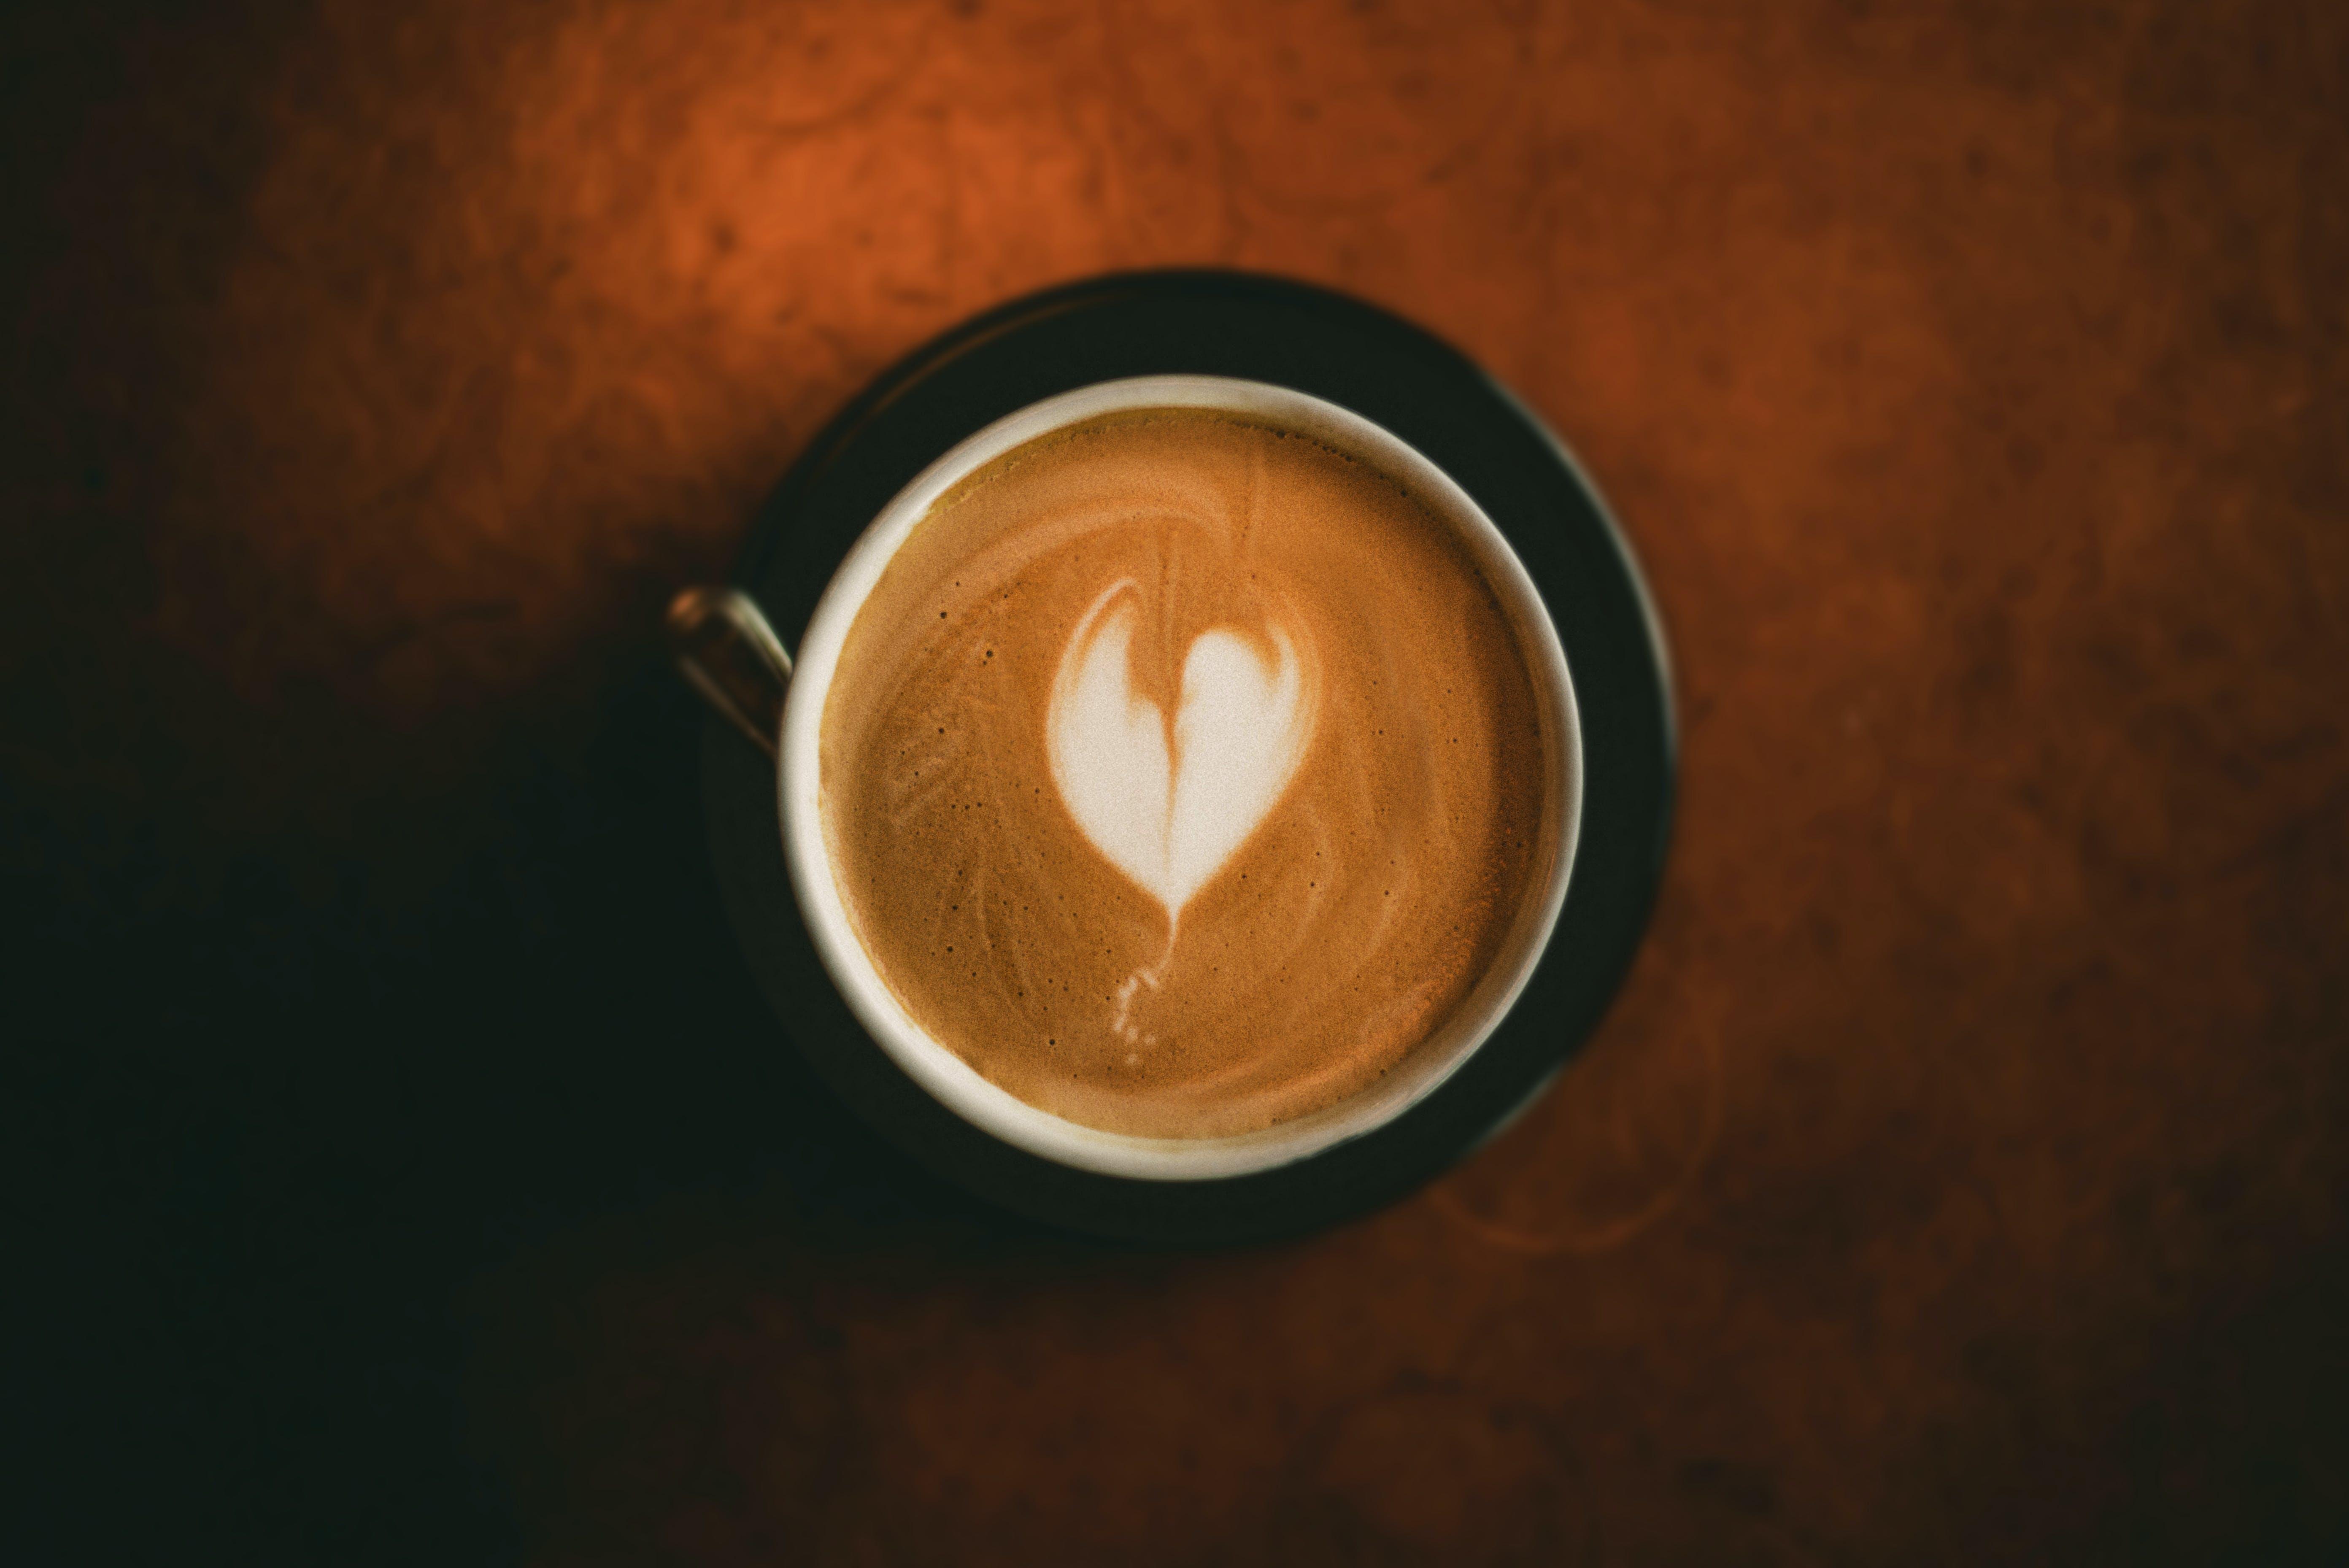 エスプレッソ, カップ, カフェイン, カプチーノの無料の写真素材